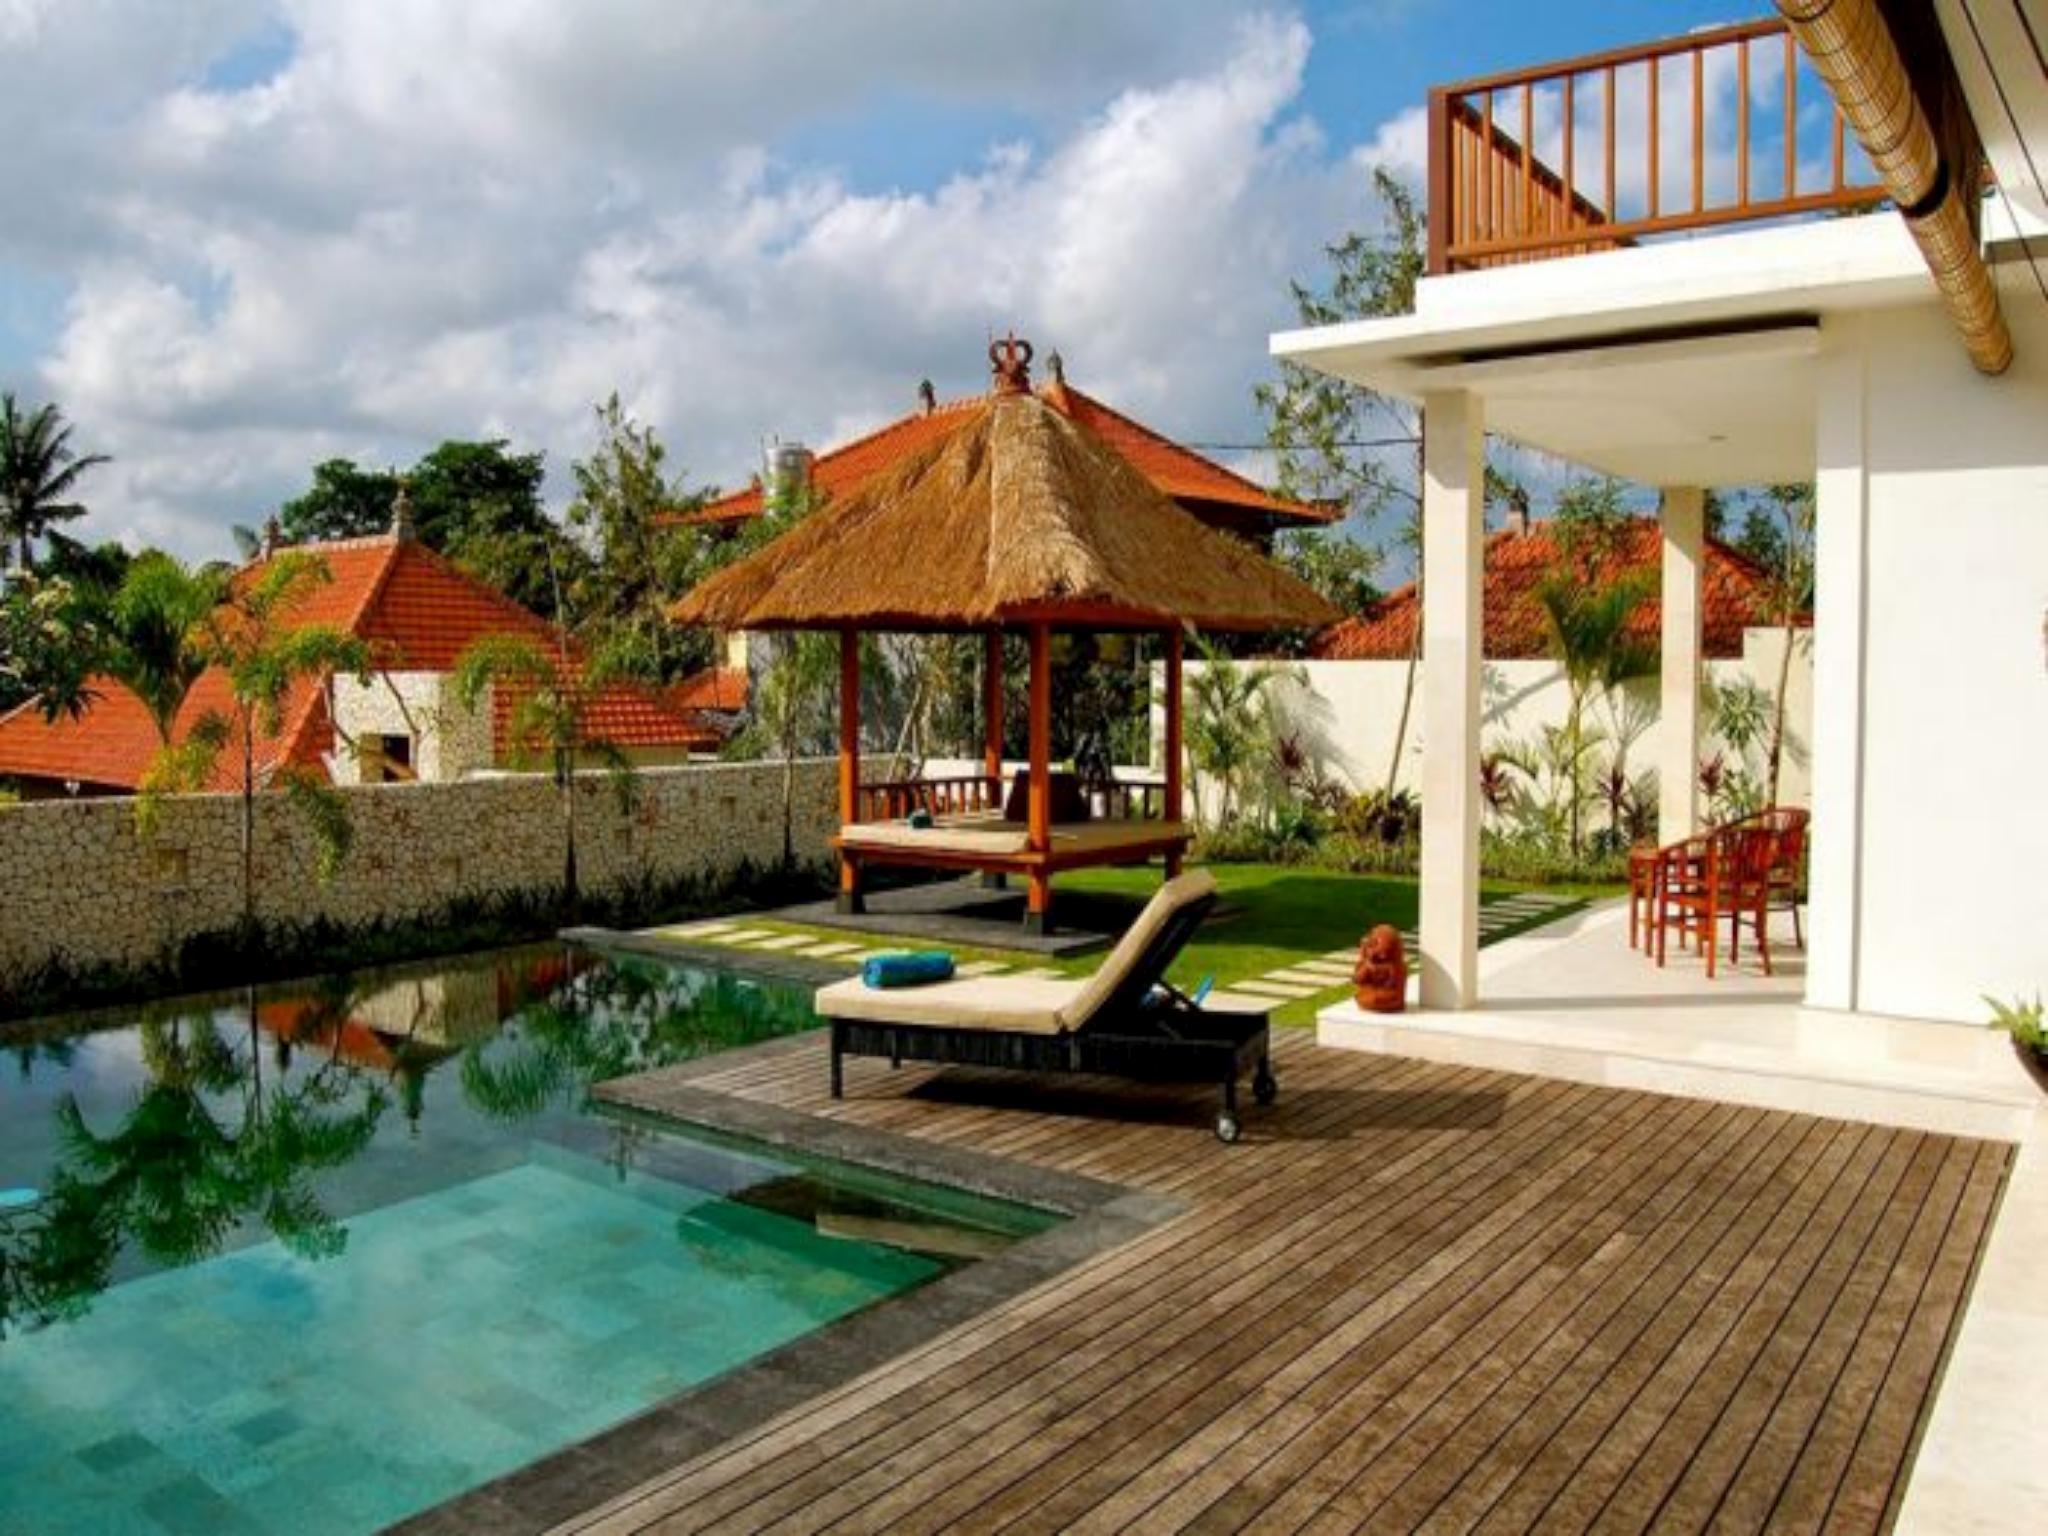 Casa Margarita Villa